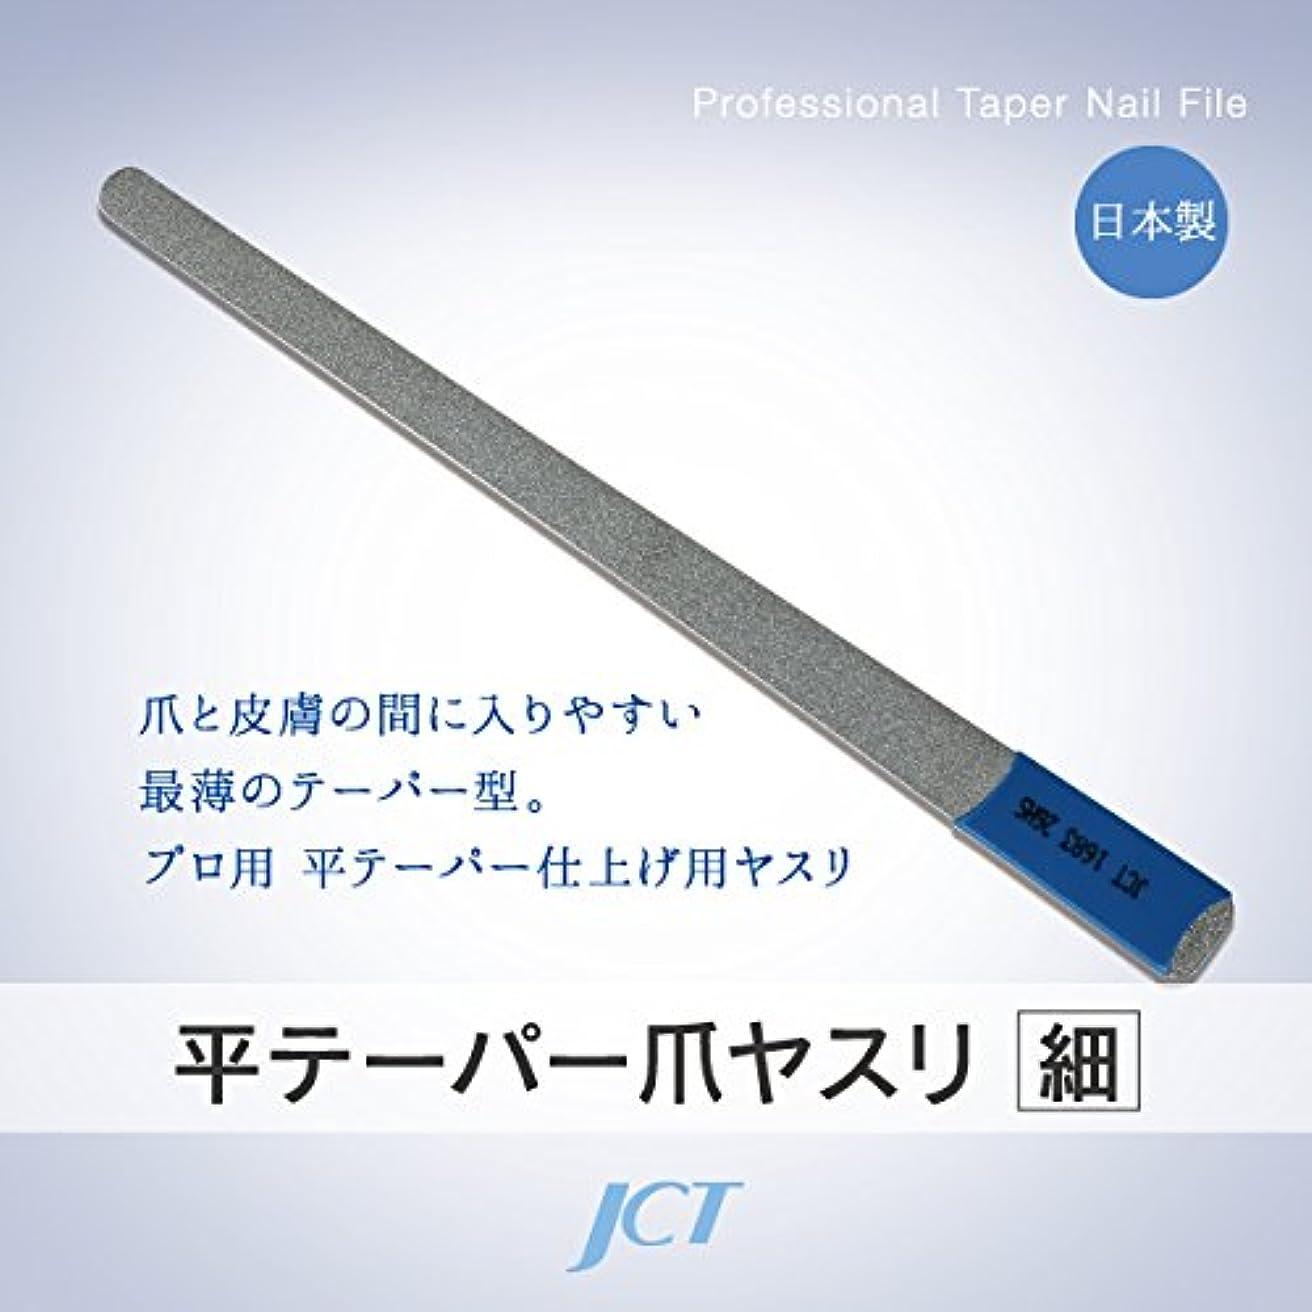 宙返りヘクタール混沌JCT メディカル フットケア ネイルケア ダイヤモンド平テーパー爪ヤスリ(細) 滅菌可 日本製 1年間保証付